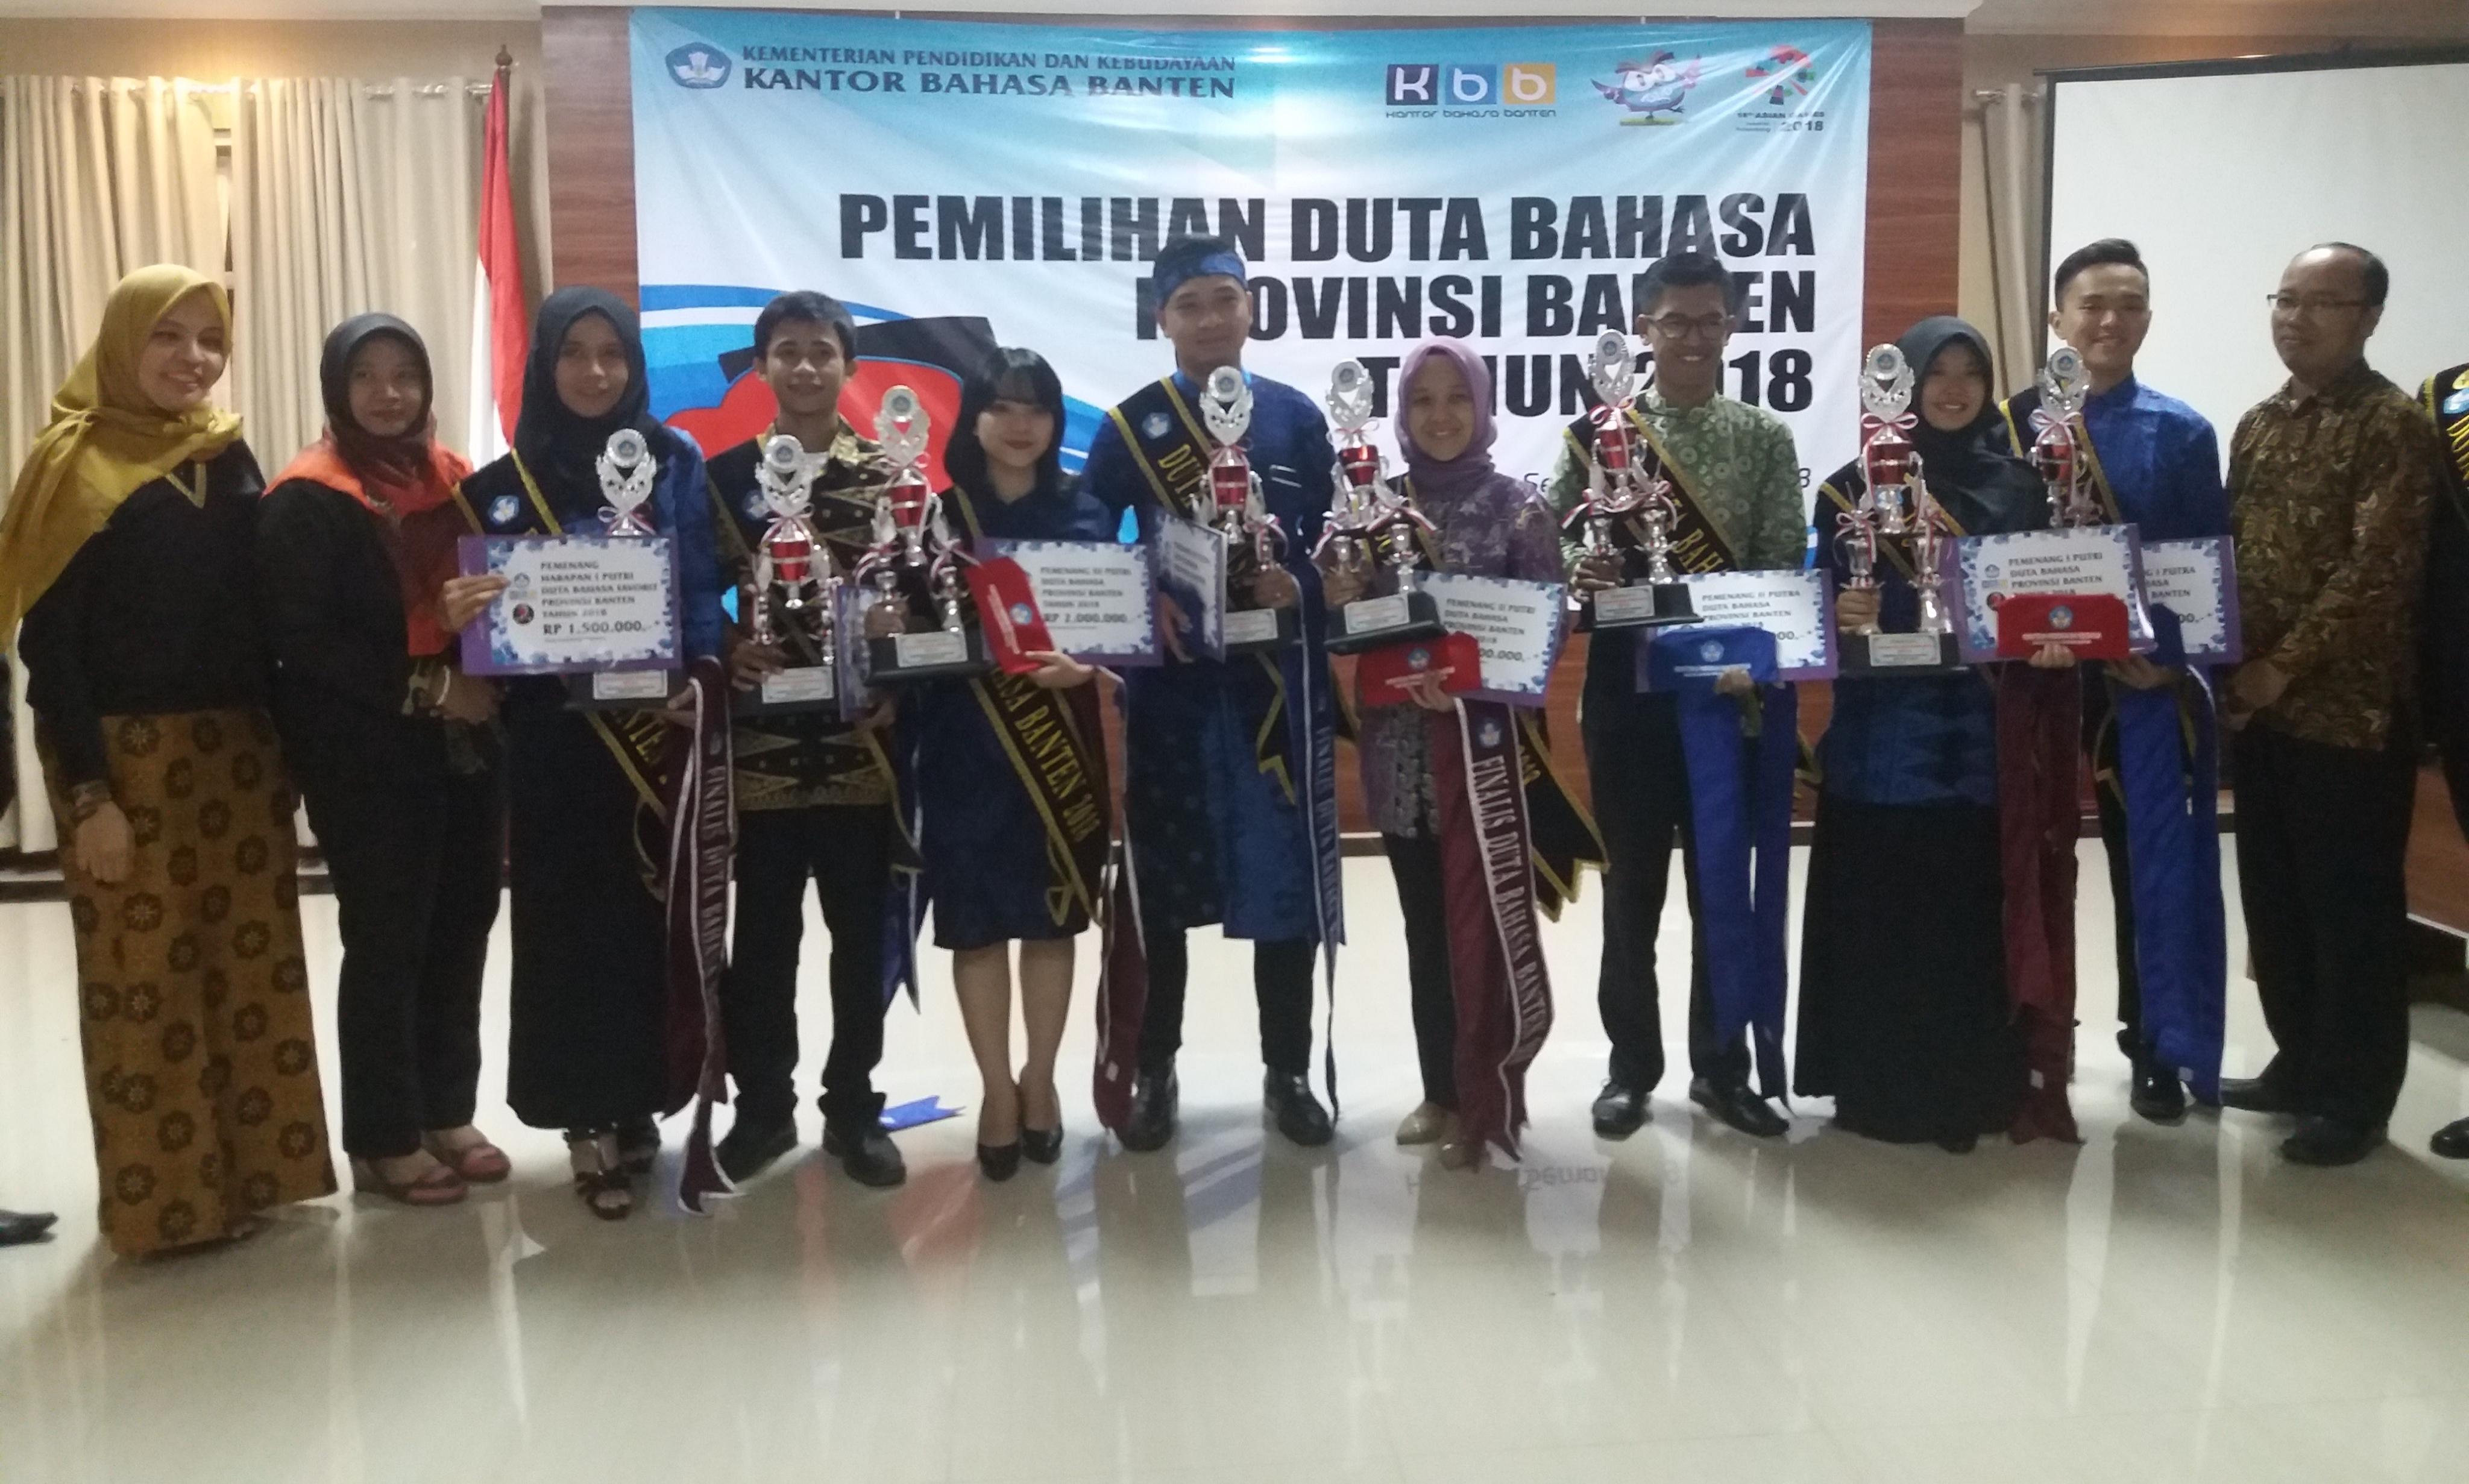 Pemilihan Duta Bahasa 2018